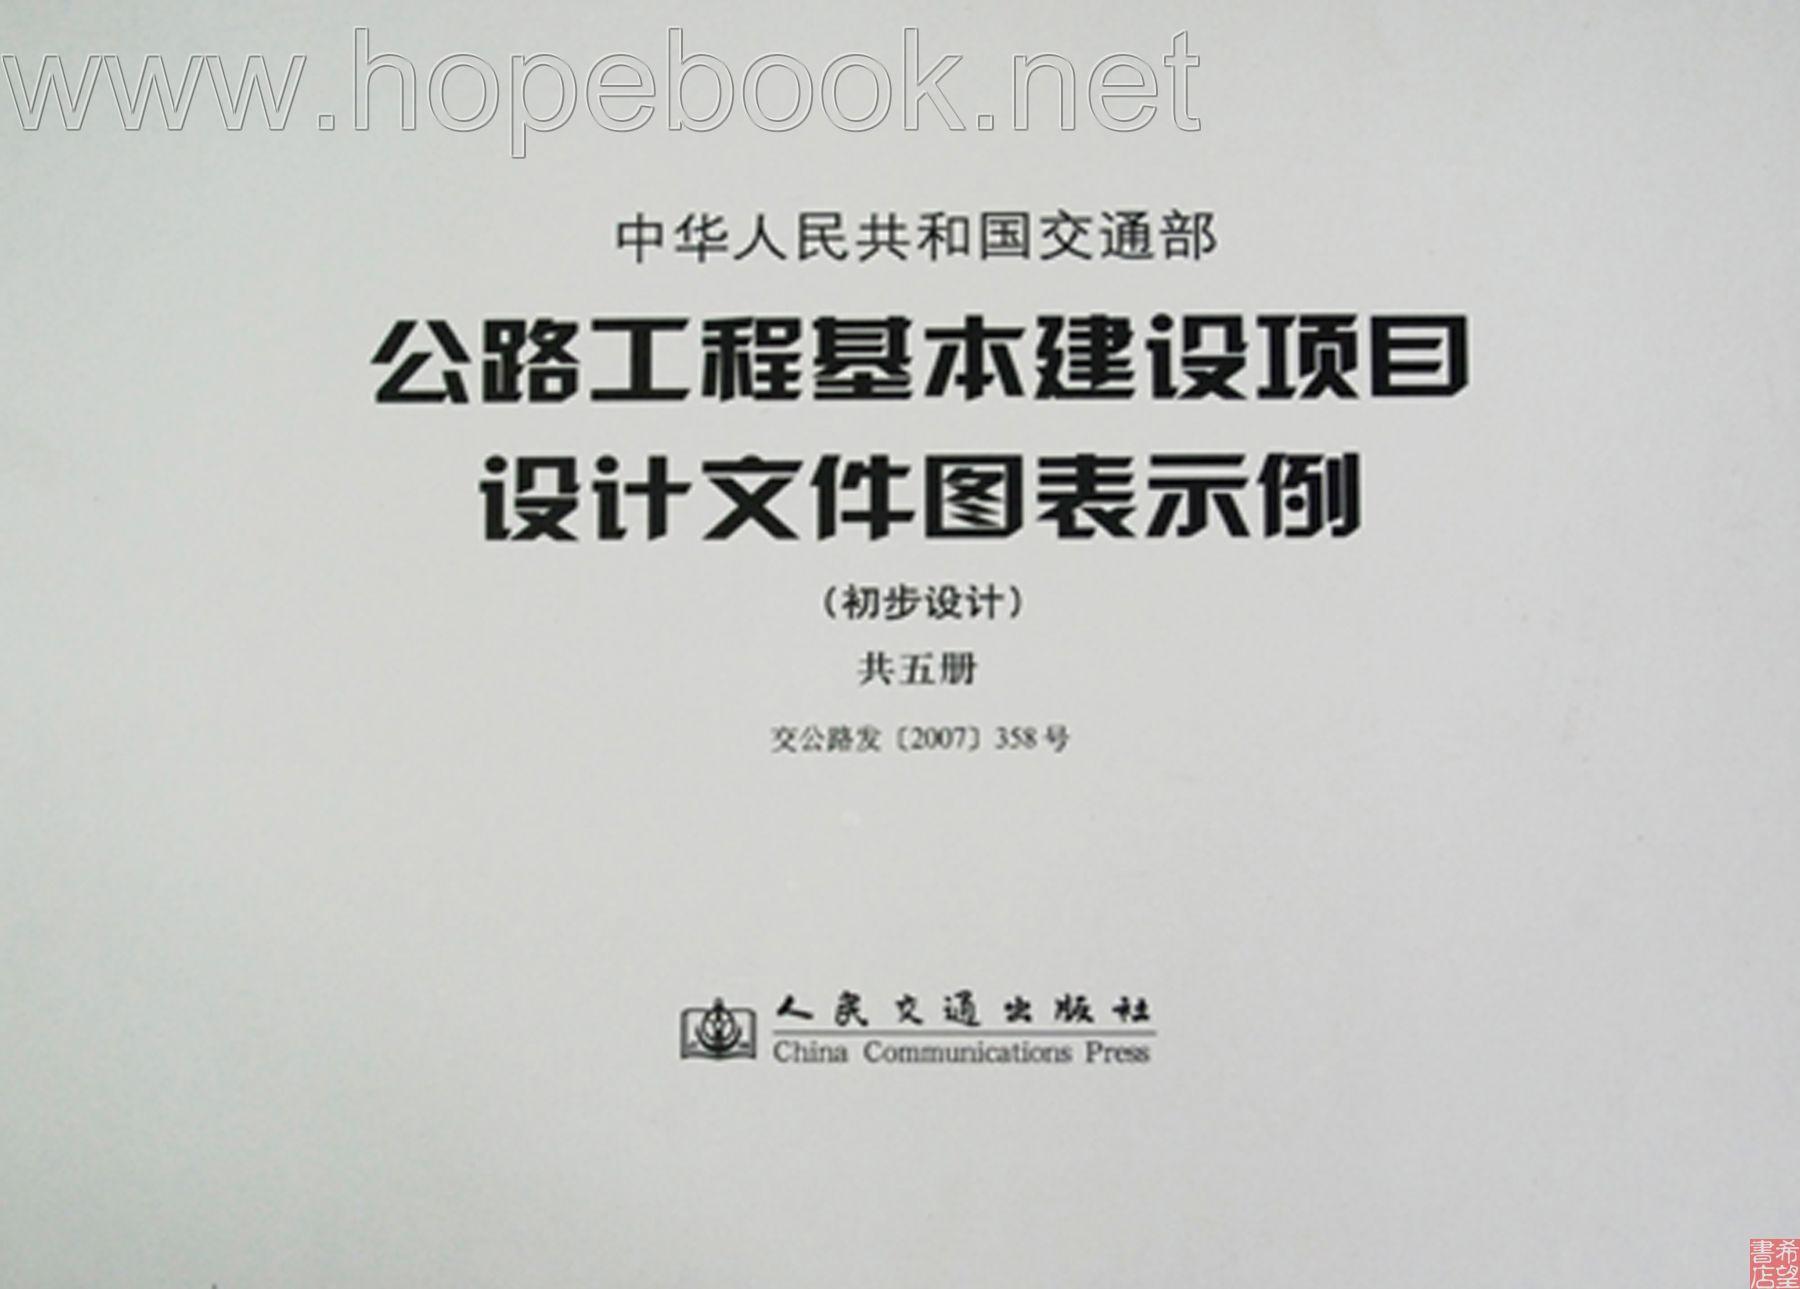 公路工程基本建设项目设计文件图表示例(初步设计)(共